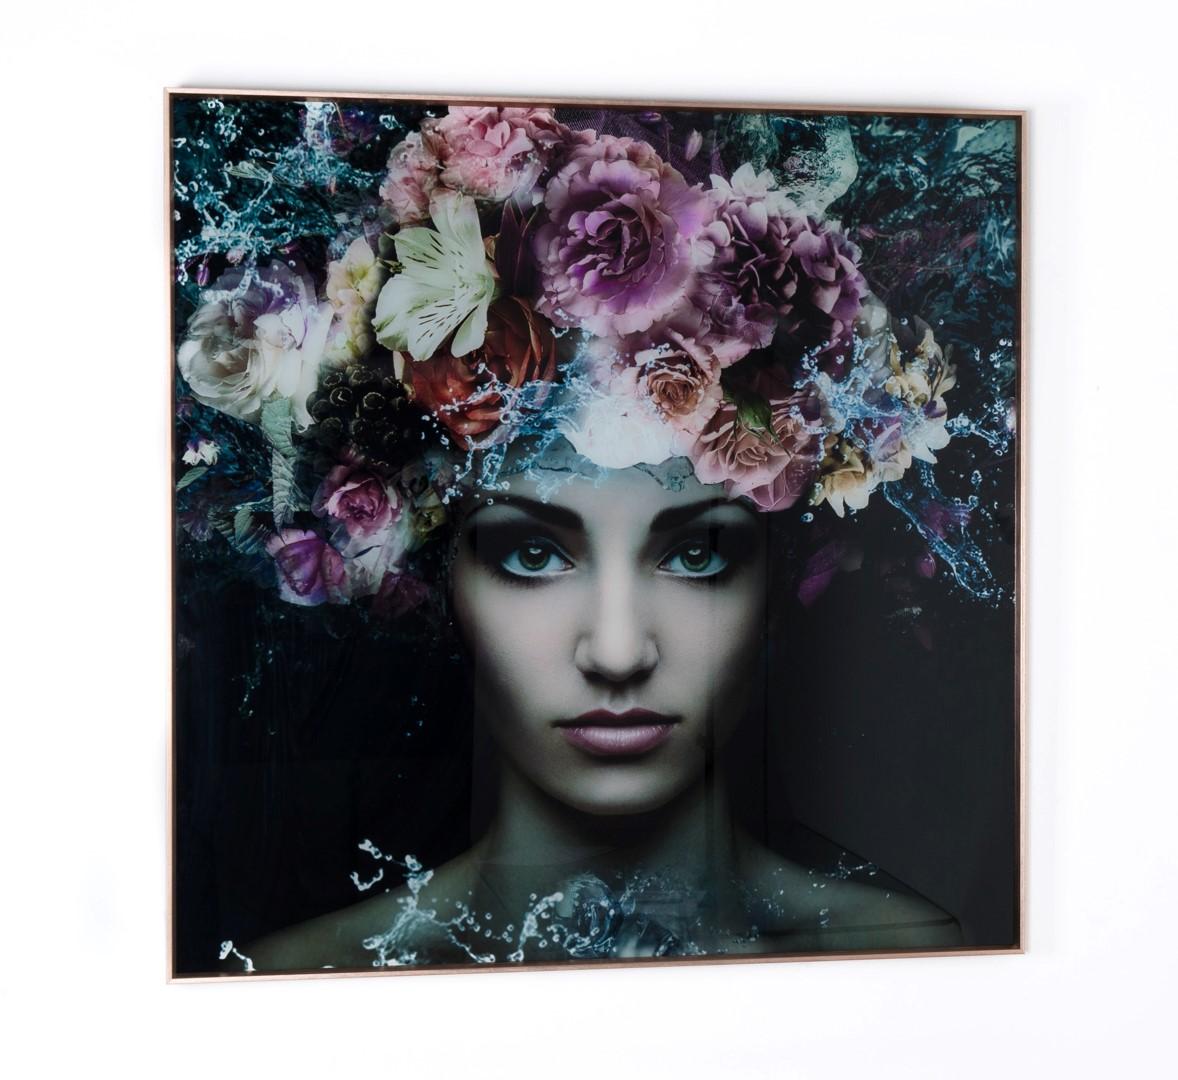 Cuadro de mujer y flores